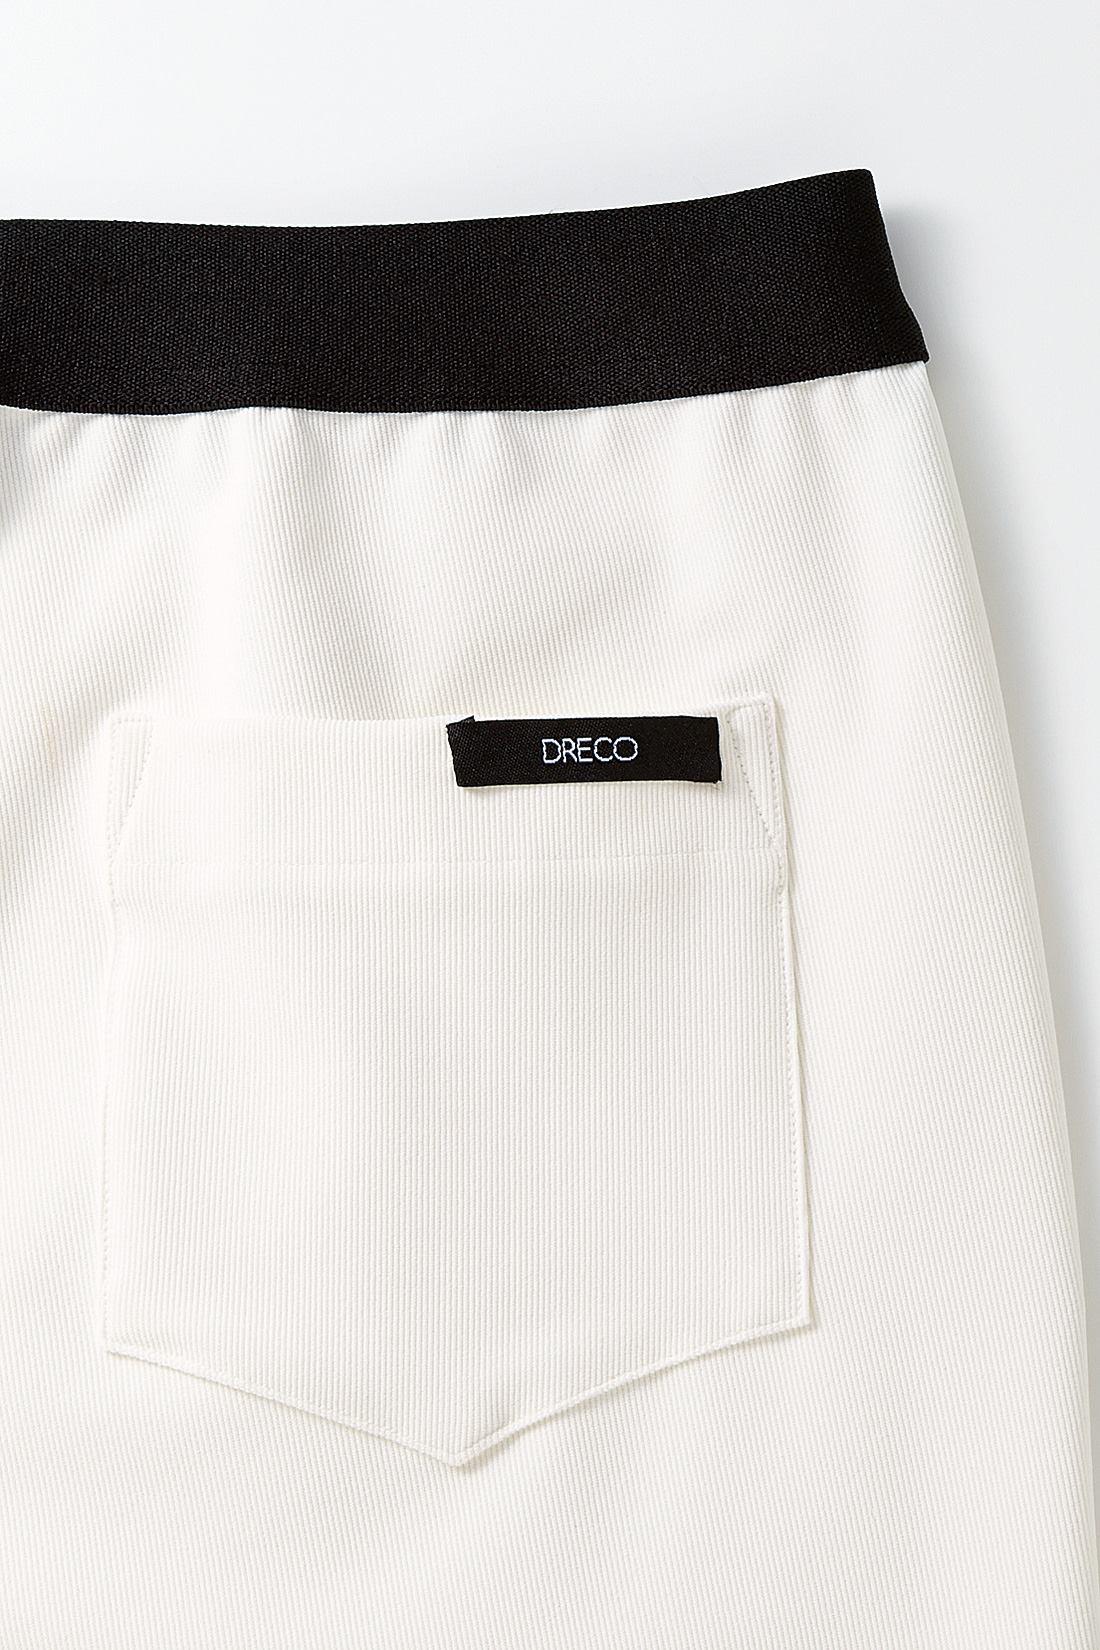 【ボトムス】後ろポケットのDRECOのネームタグが本格派っぽさを盛り上げます。